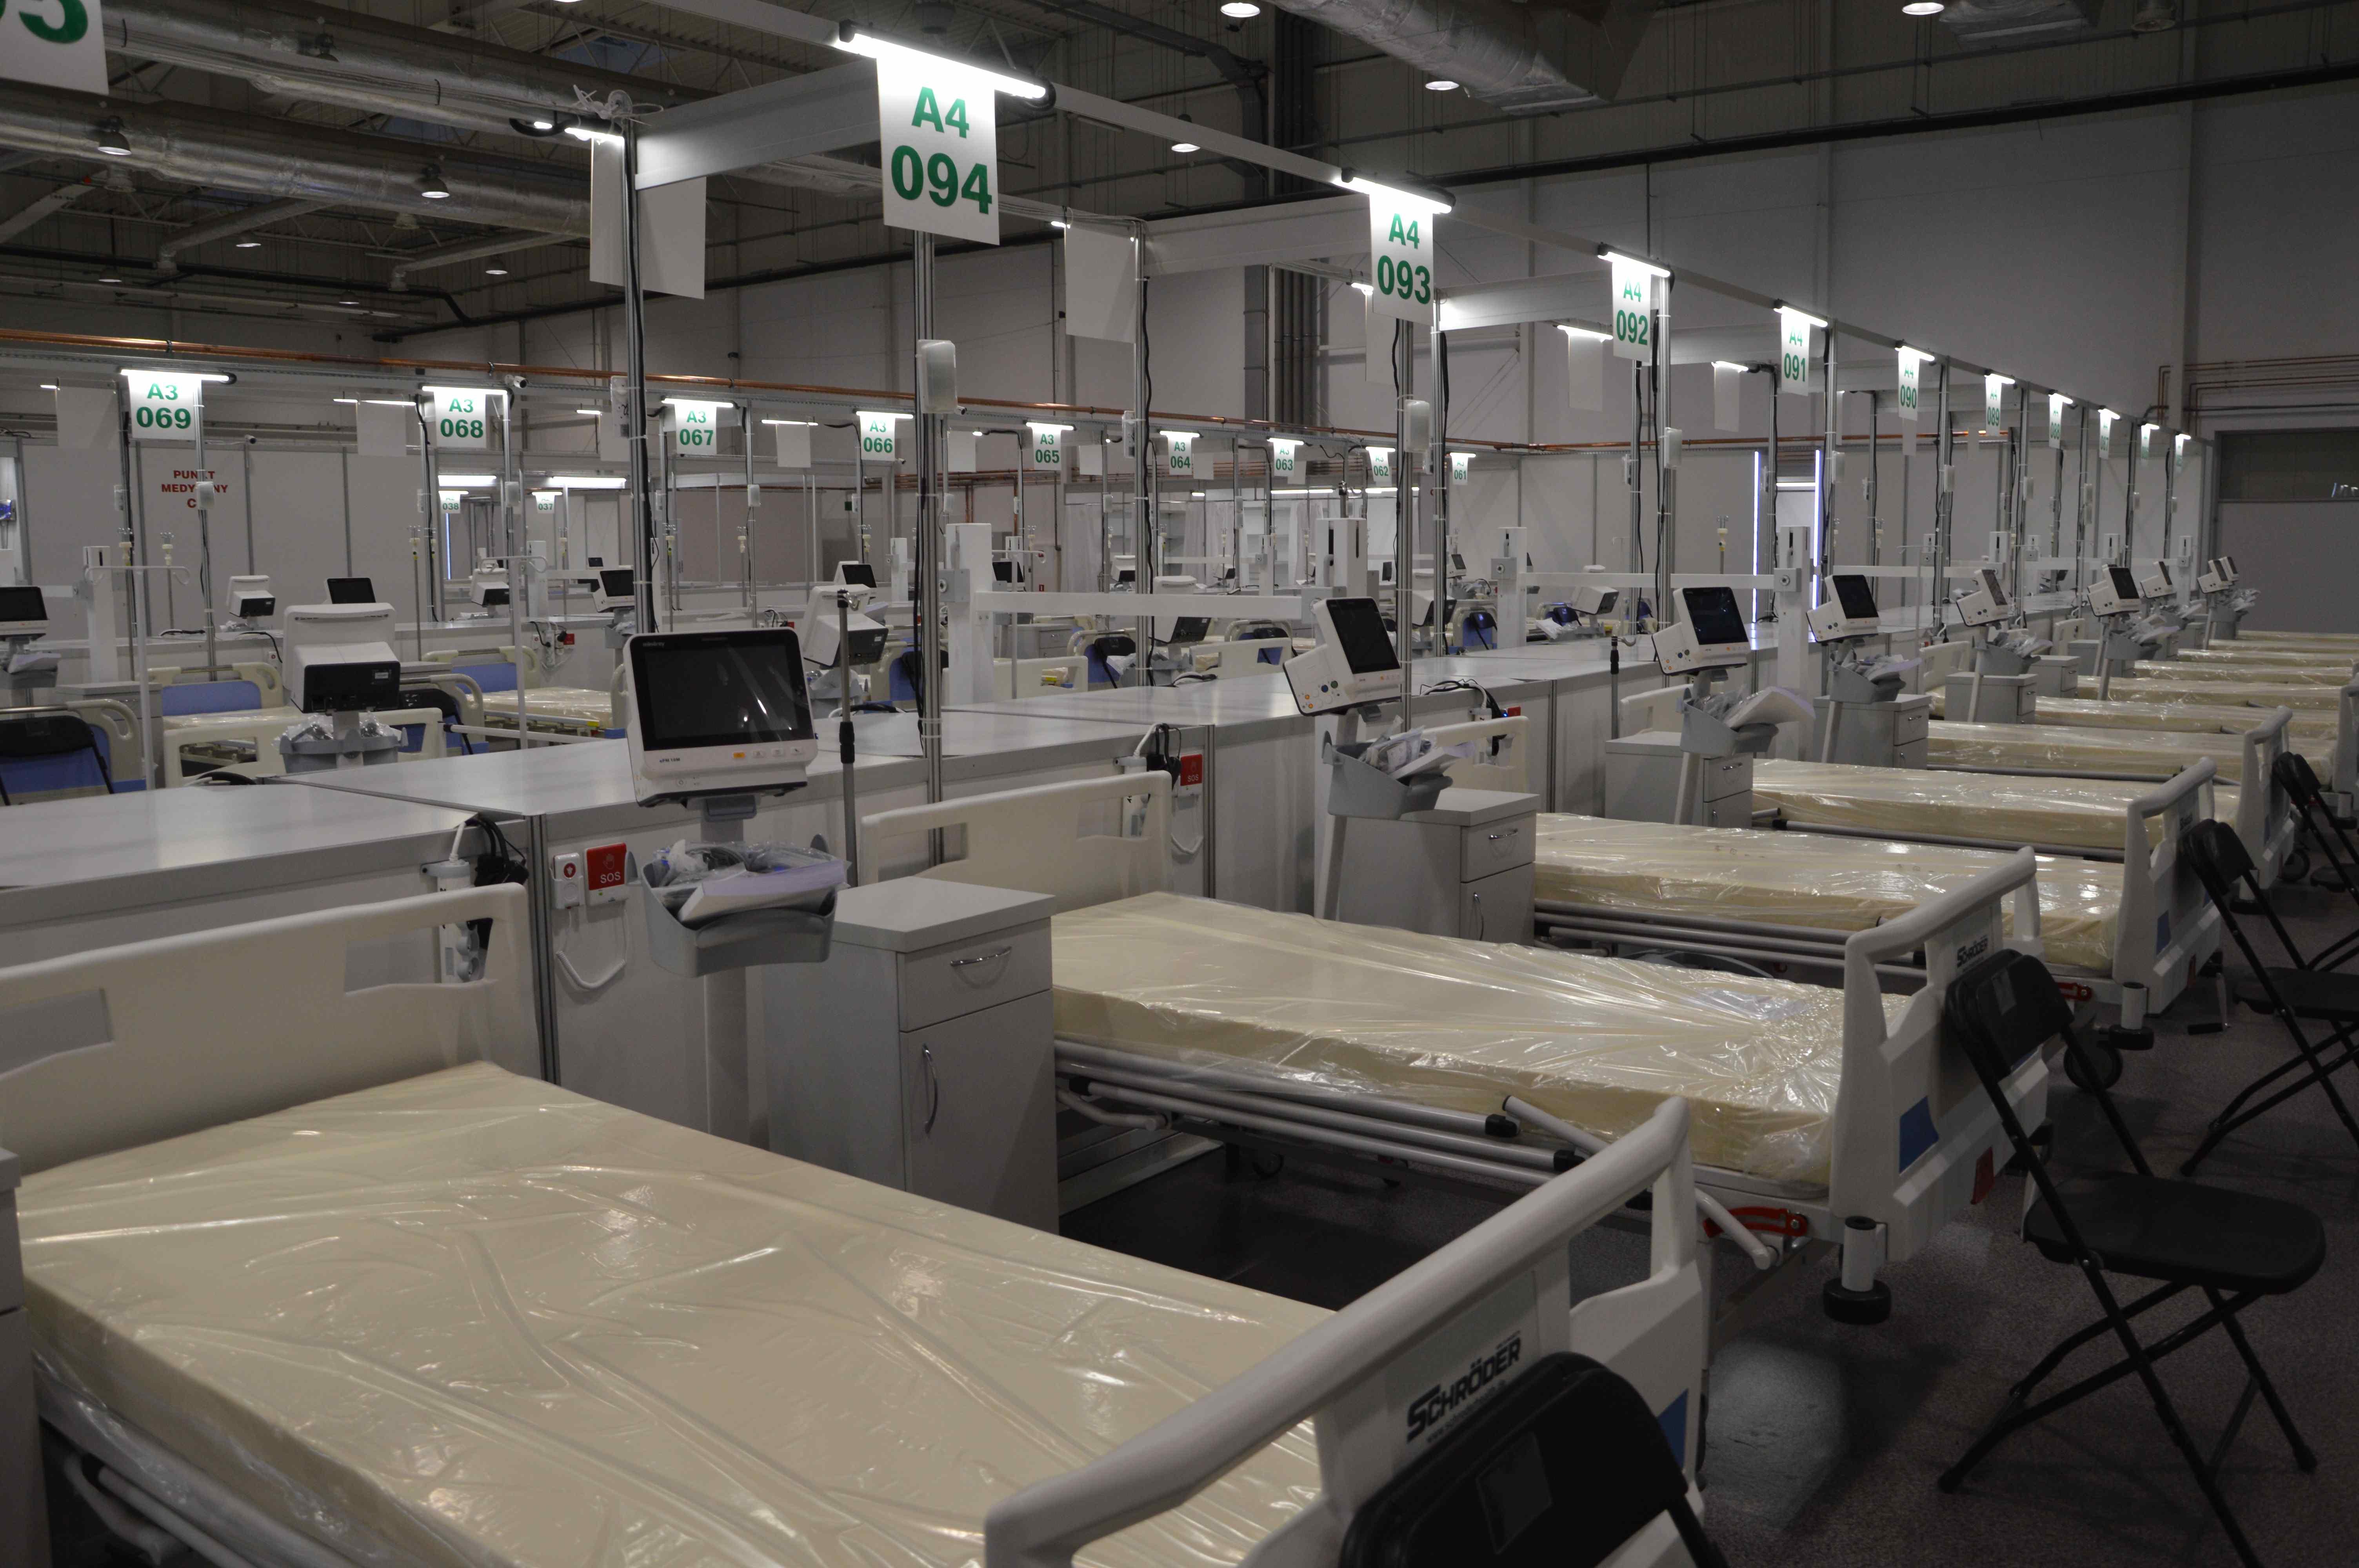 Lublin: Szpital tymczasowy zwiększa liczbę łóżek. Są też pierwsi od kilku miesięcy pacjenci - Zdjęcie główne